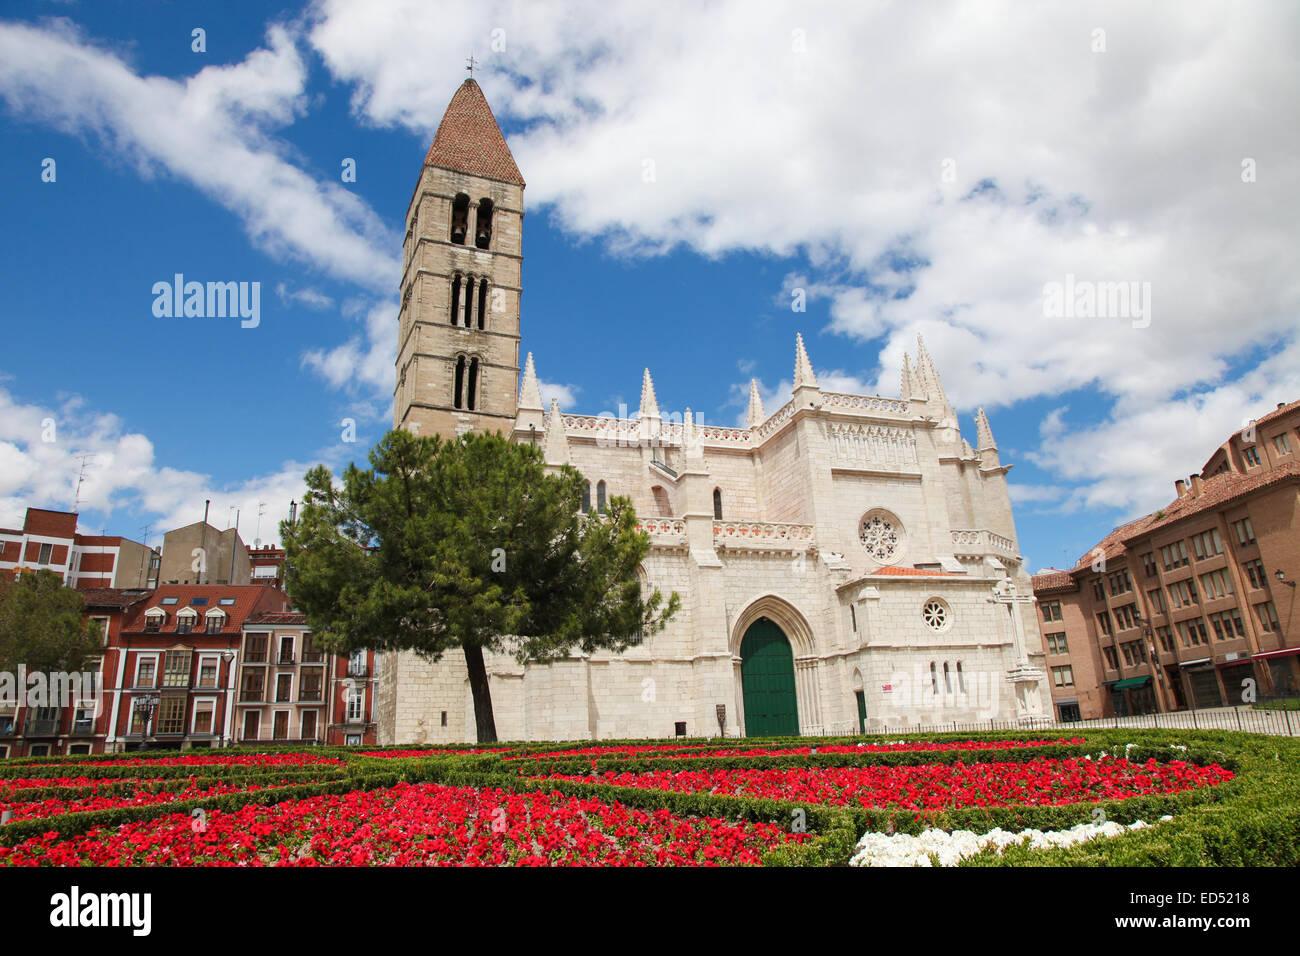 Church of Santa Maria La Antigua (12th-century) in Valladolid, Castile and Leon, Spain. - Stock Image